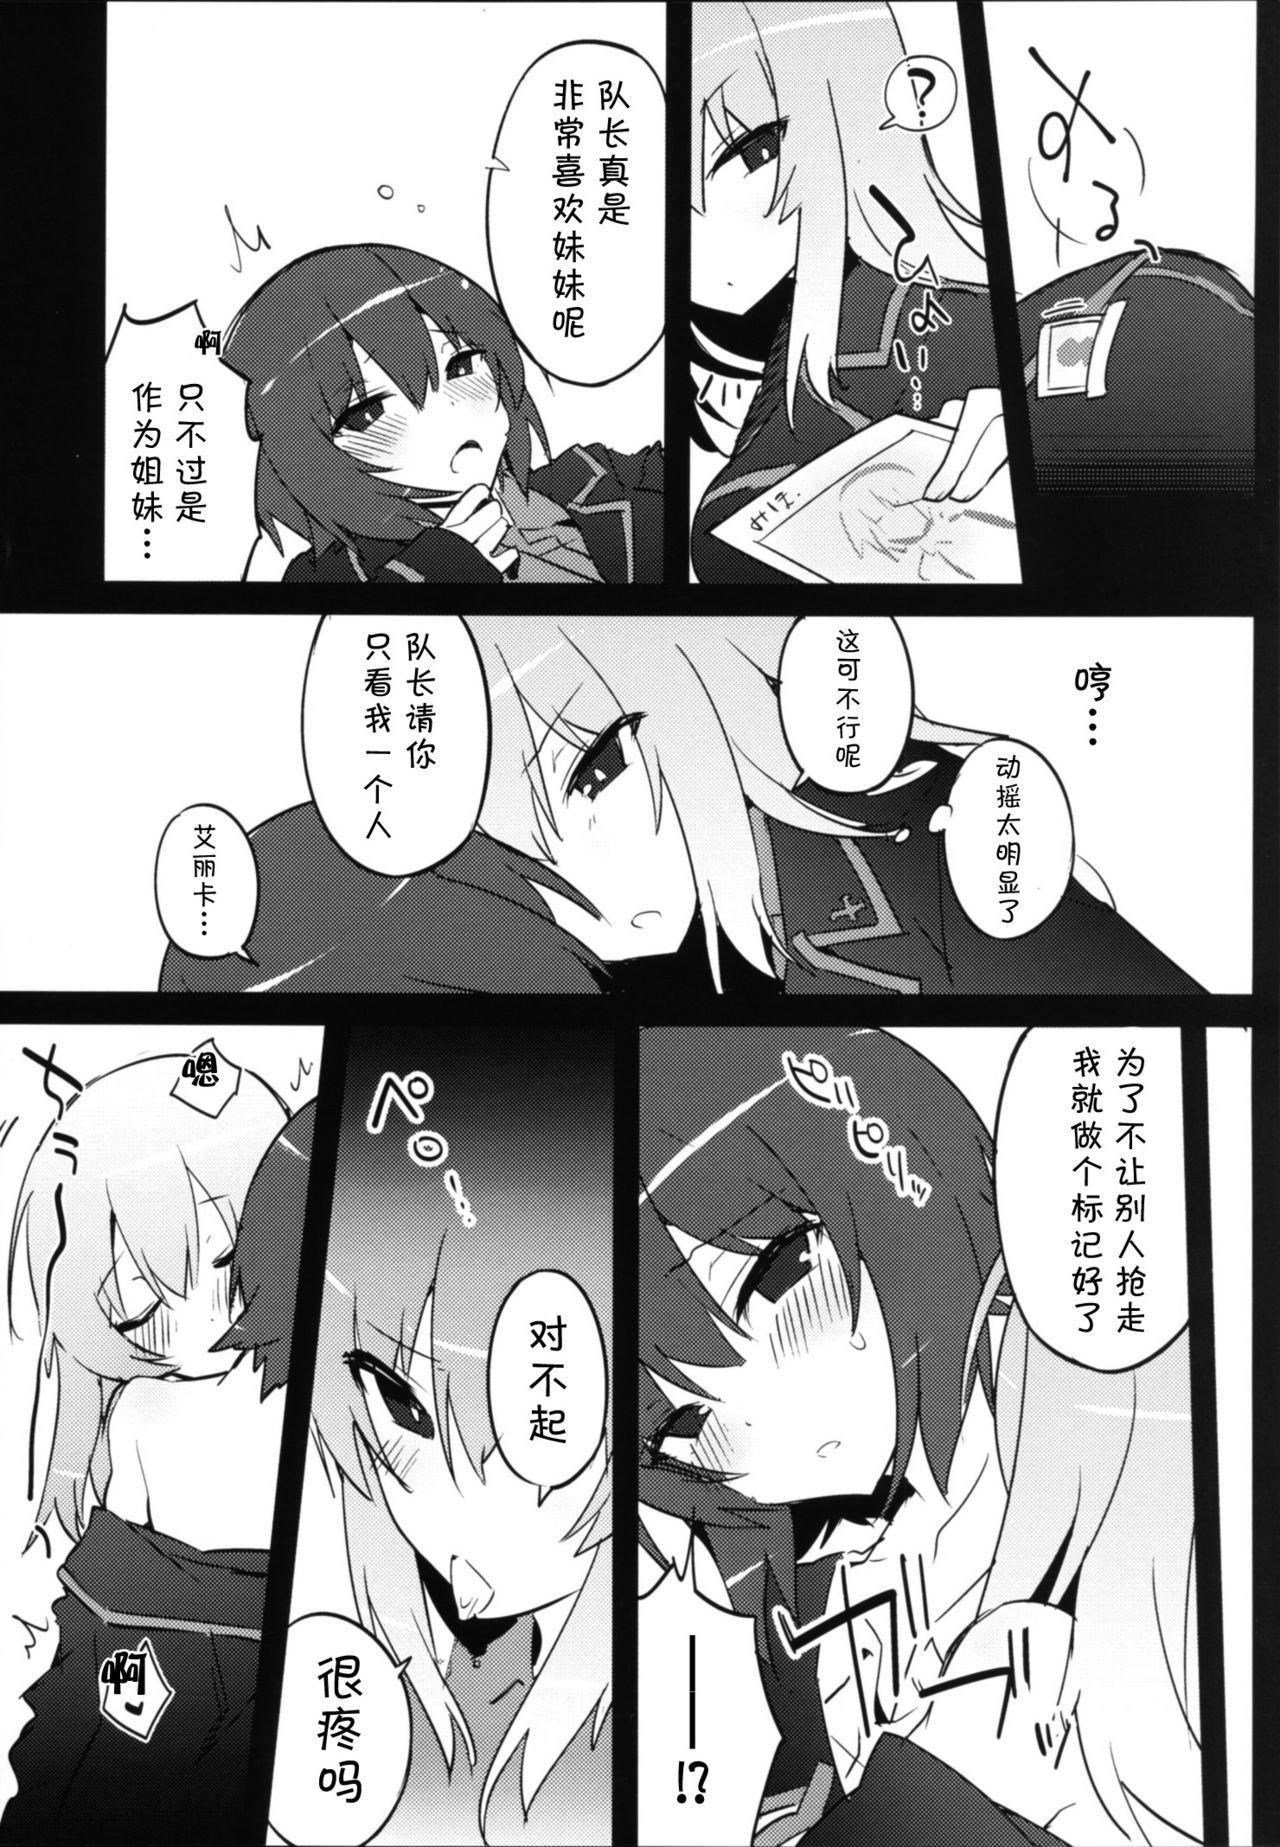 Futanari Erika to Maho no Himitsu 12